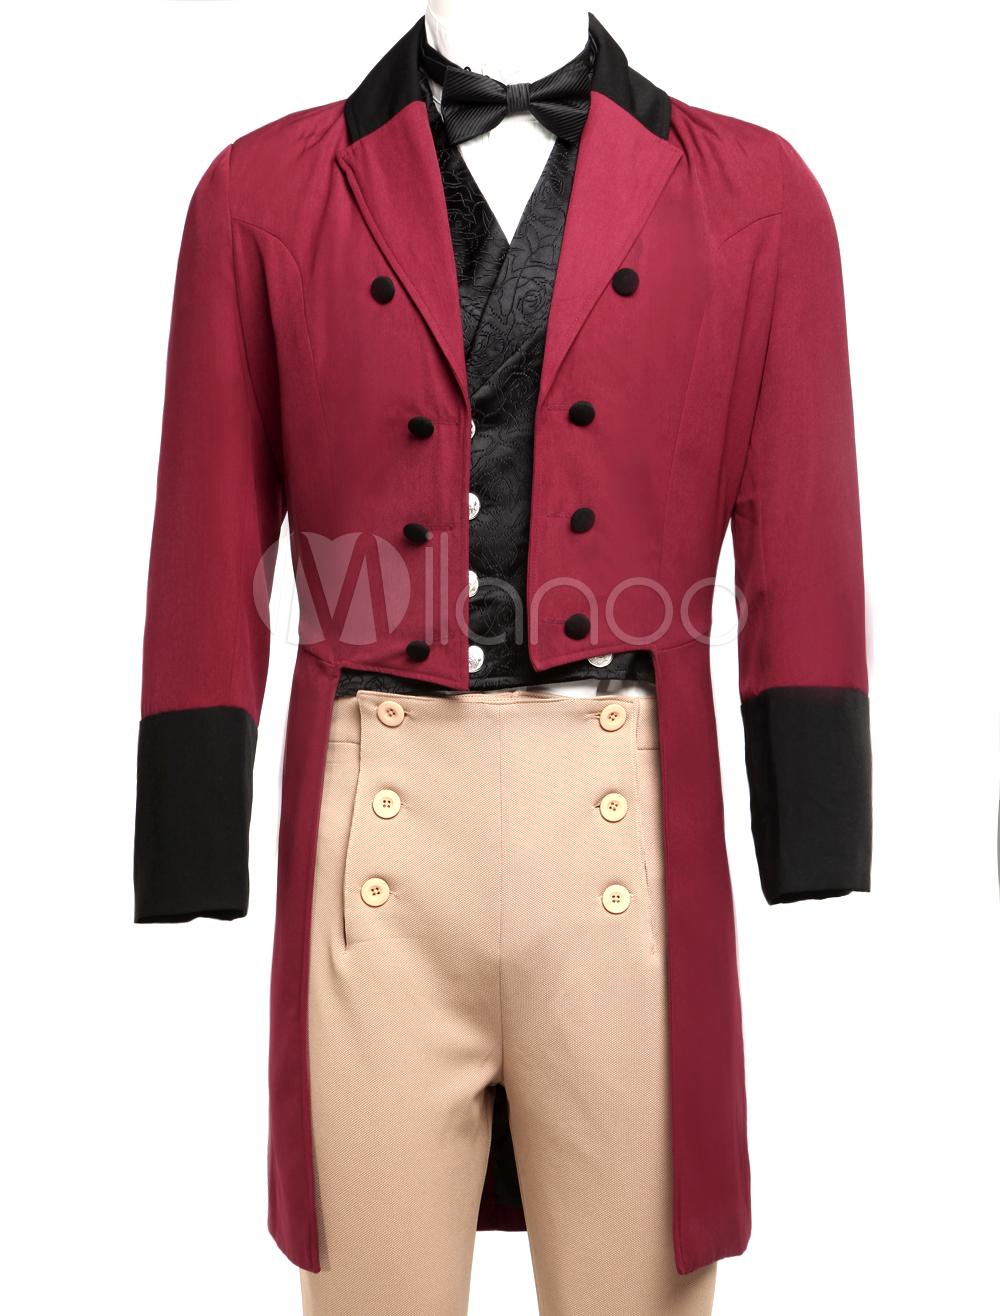 Buy Men's Vintage Costume Victorian Burgundy High Low Coat Retro Overcoat Halloween for $87.99 in Milanoo store